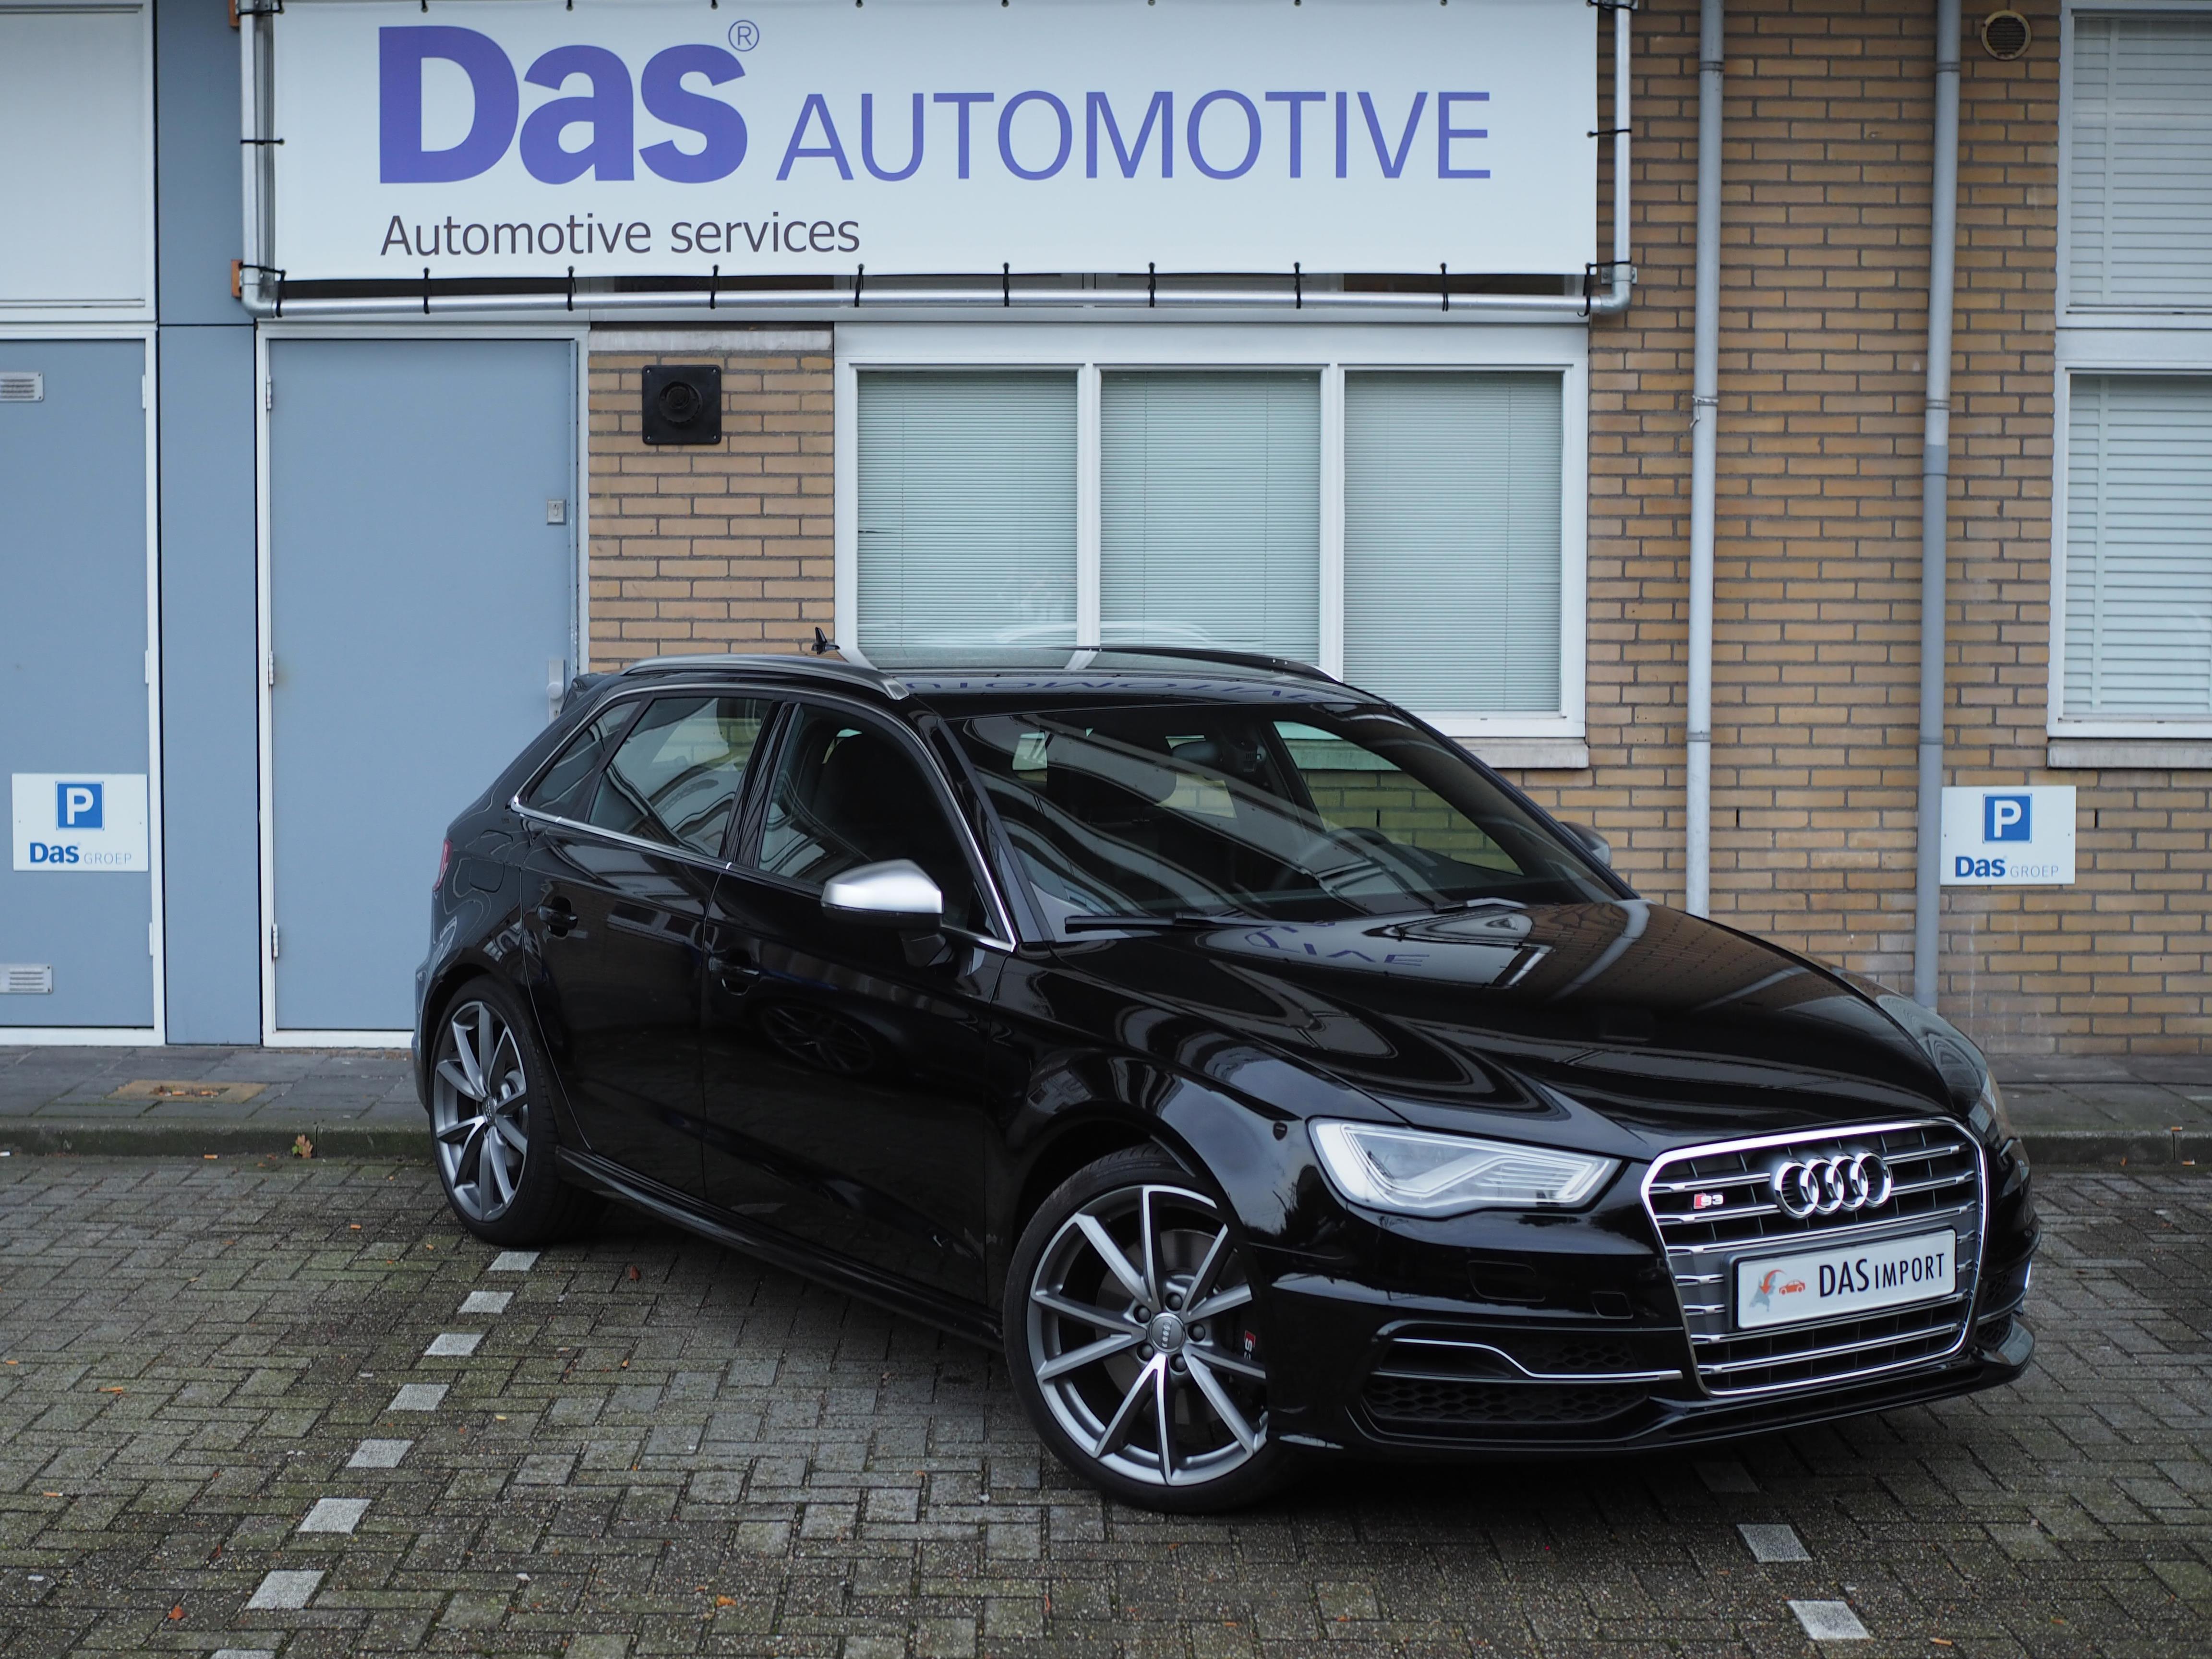 Importauto: Audi S3 Sportback 2.0 TSFI Quattro 4/2015